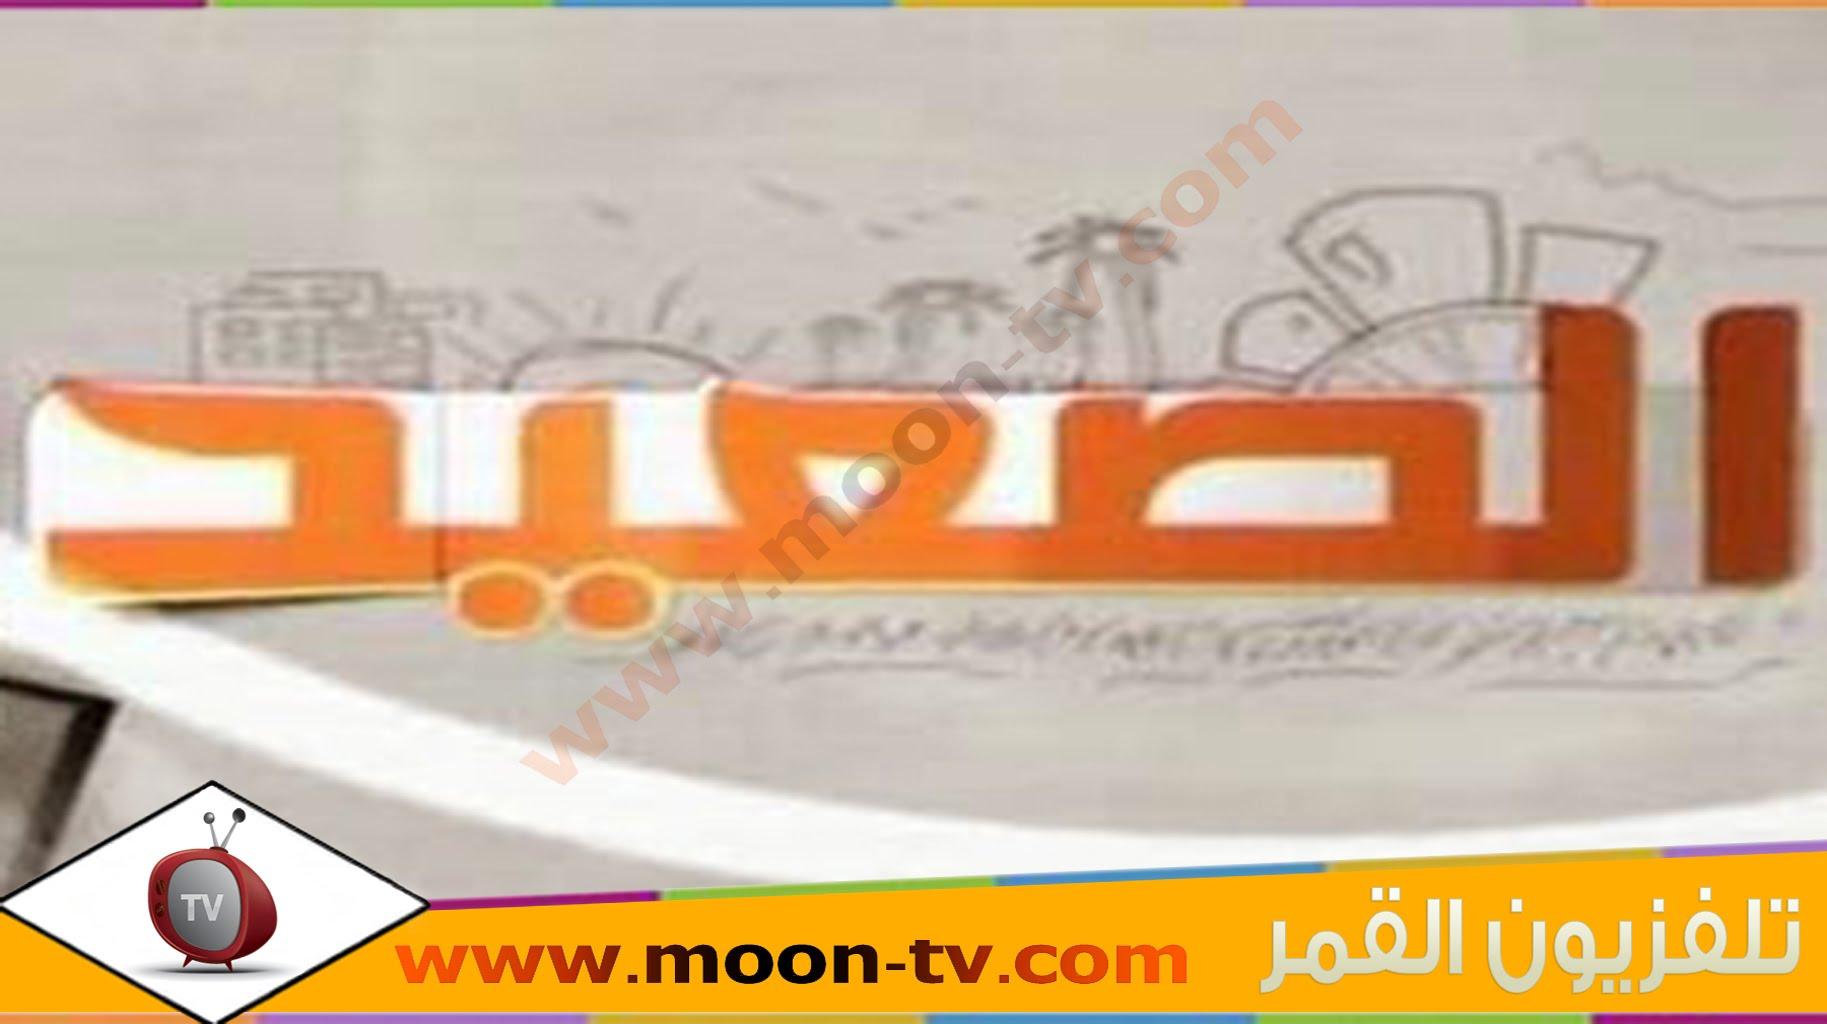 صور تردد قناة الصعيد على النايل سات